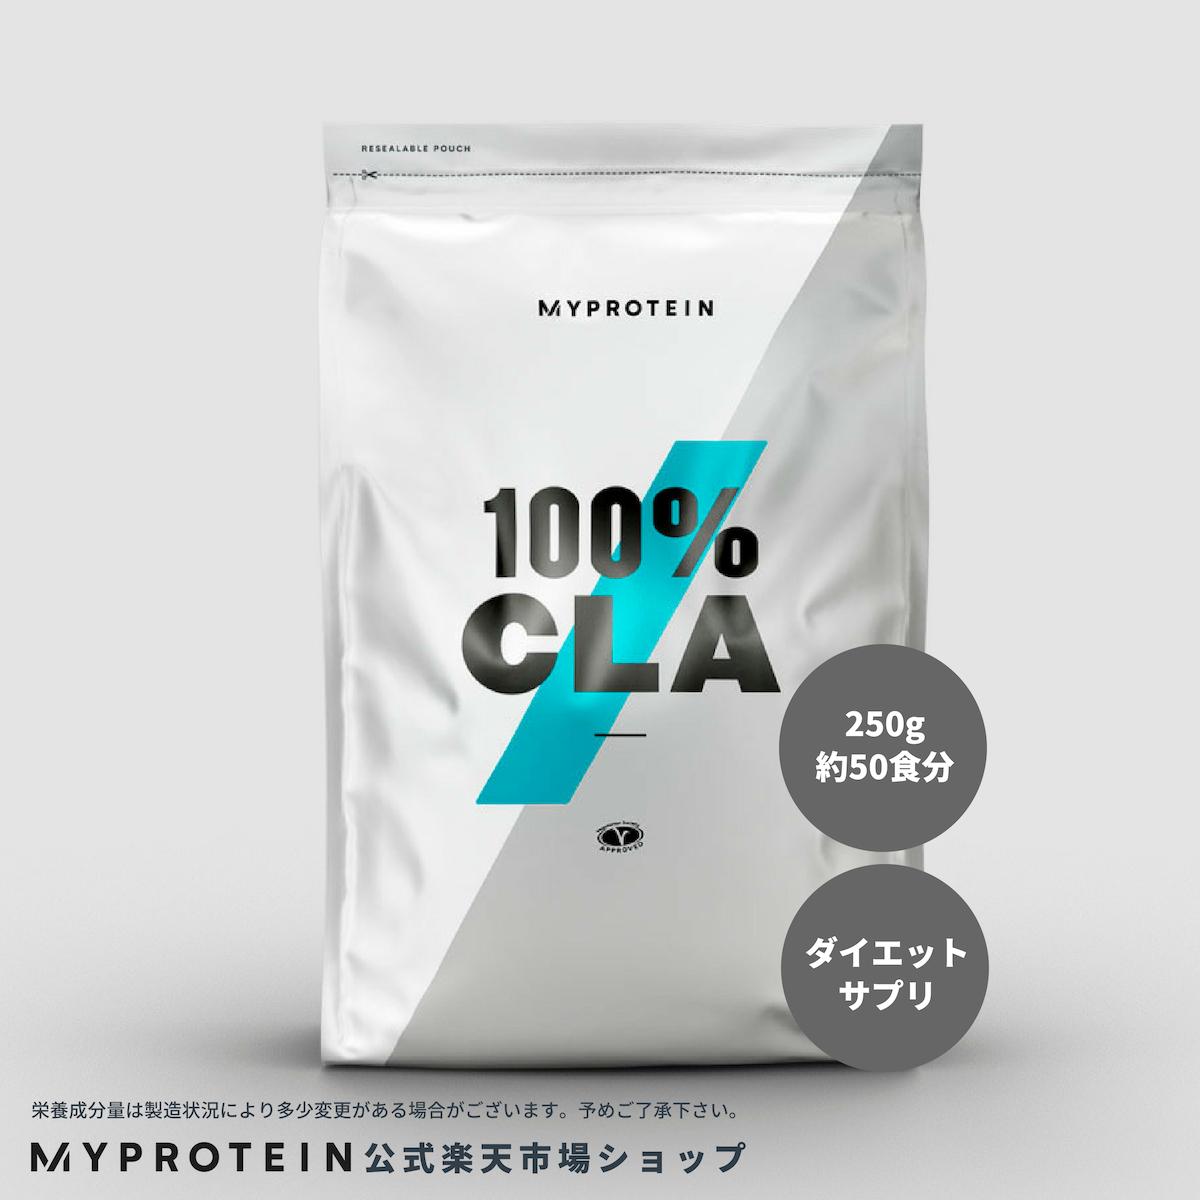 マイプロテイン 公式 【MyProtein】 CLA (共役リノール酸)パウダー 250g 50食分【海外直送】